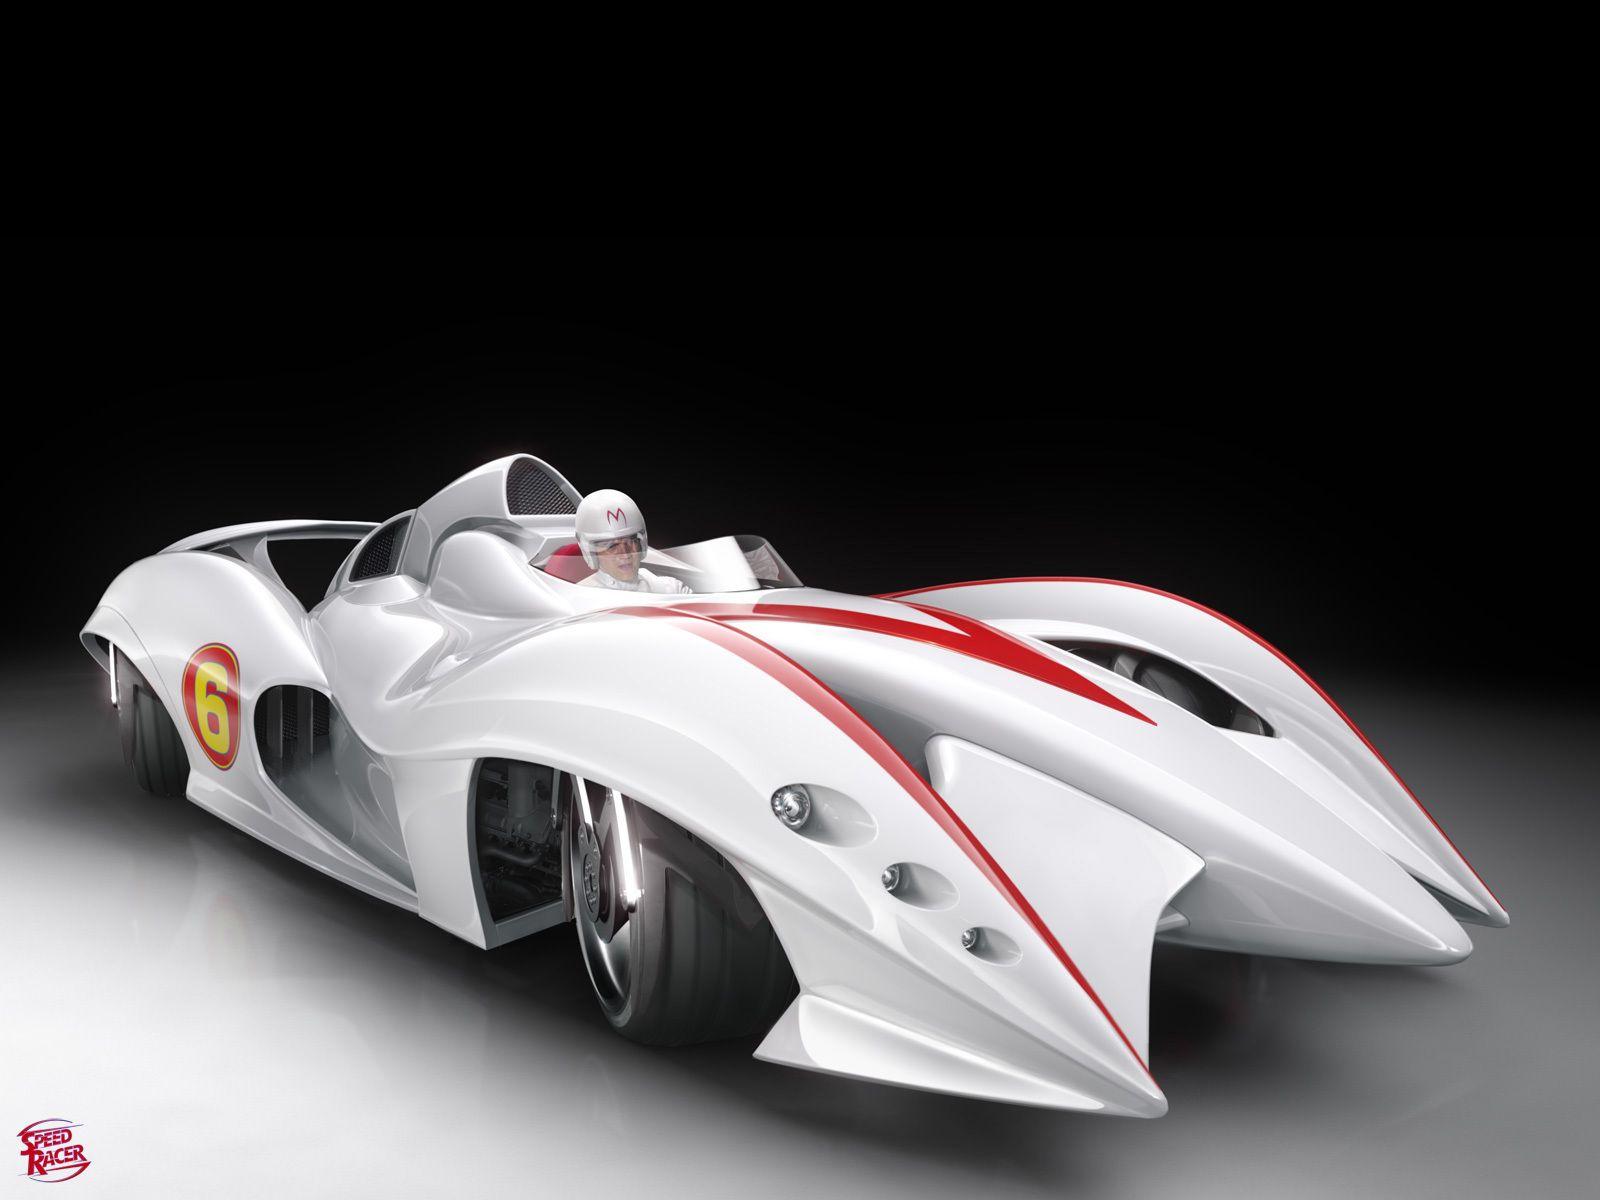 speed racer mach 6 wallpaper wwwpixsharkcom images